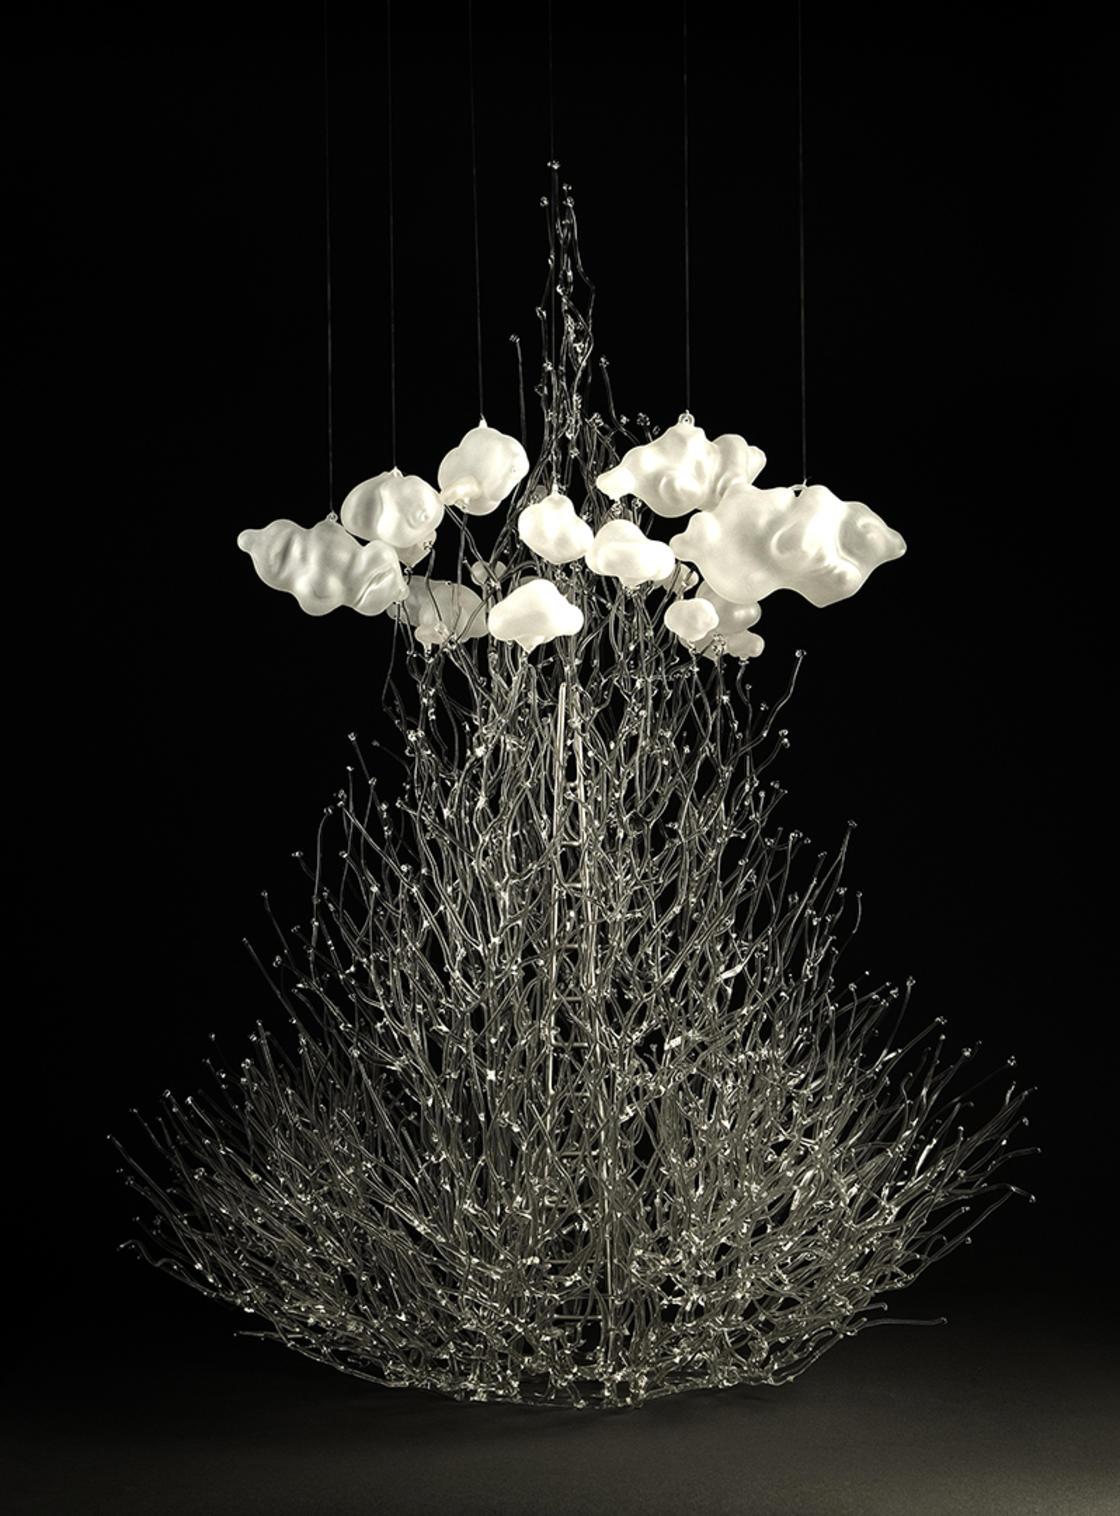 eunsuh-choi-glass-sculptures-3.jpg